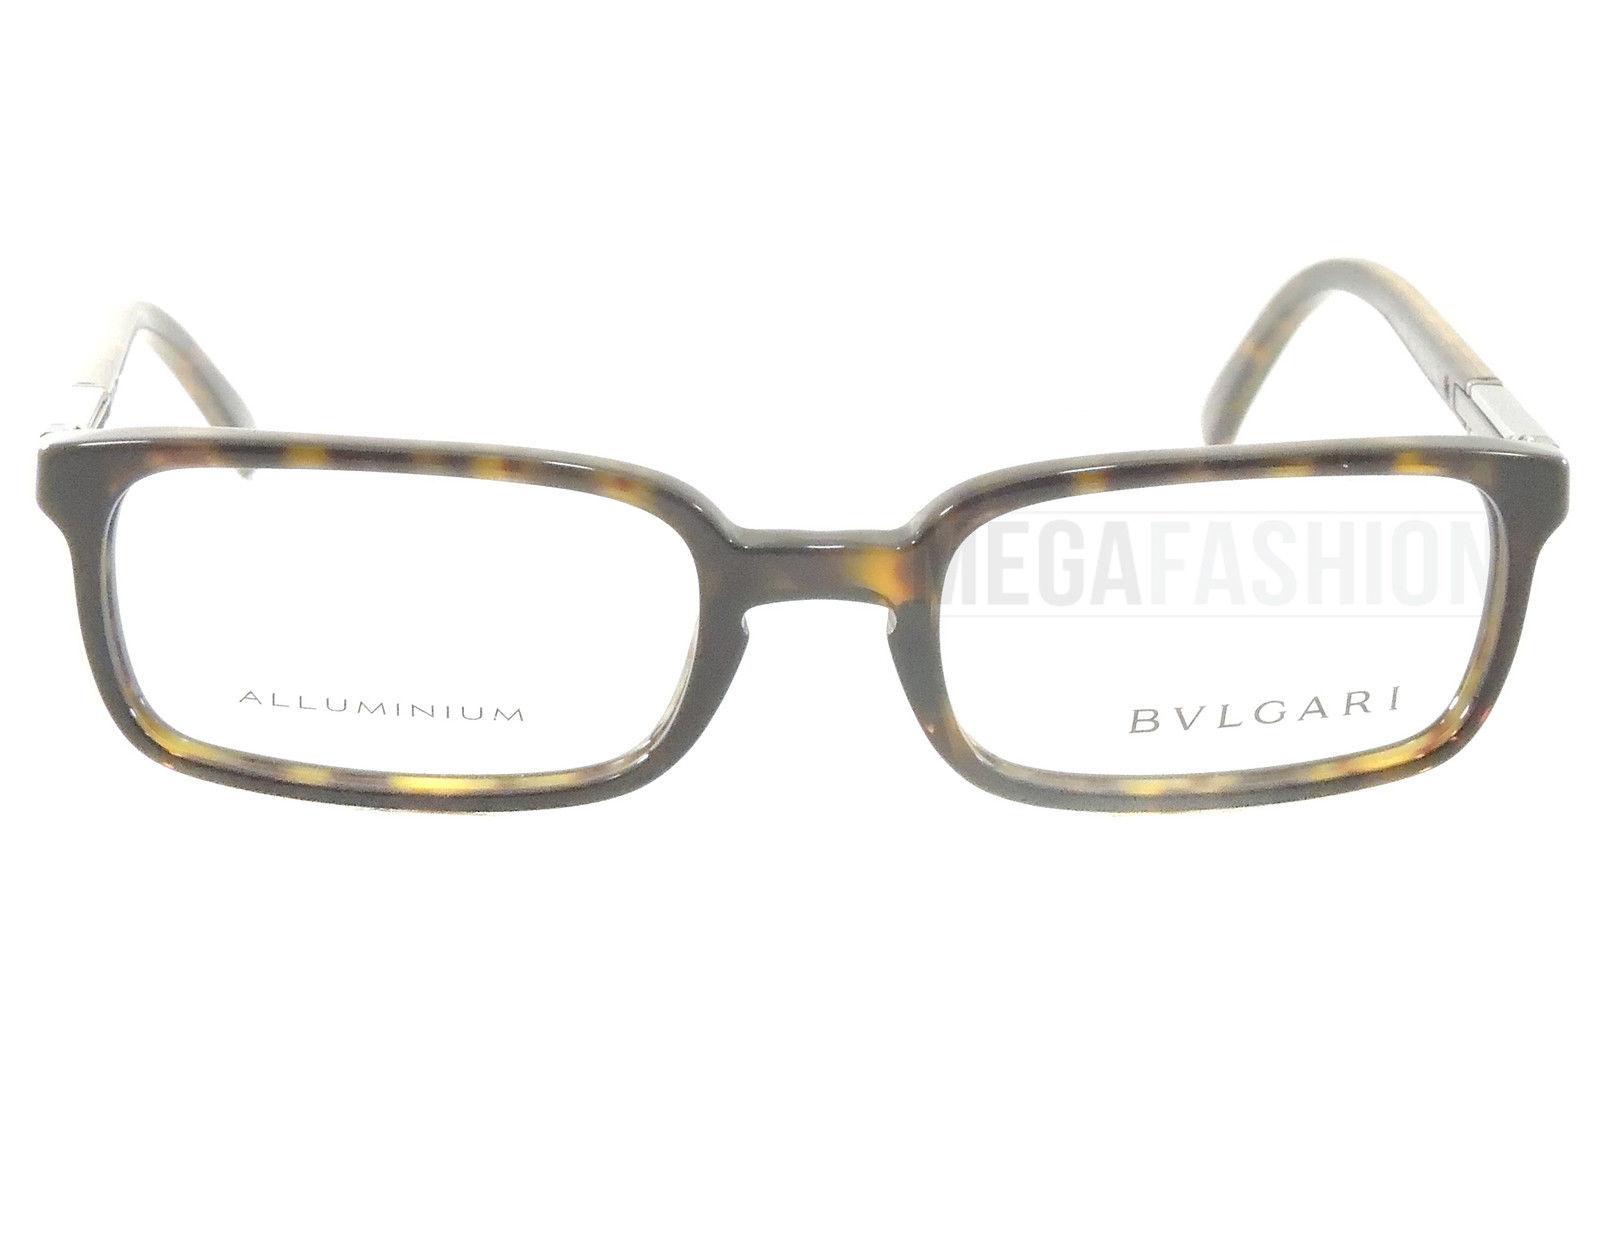 Bvlgari Eyeglasses: 1 customer review and 65 listings